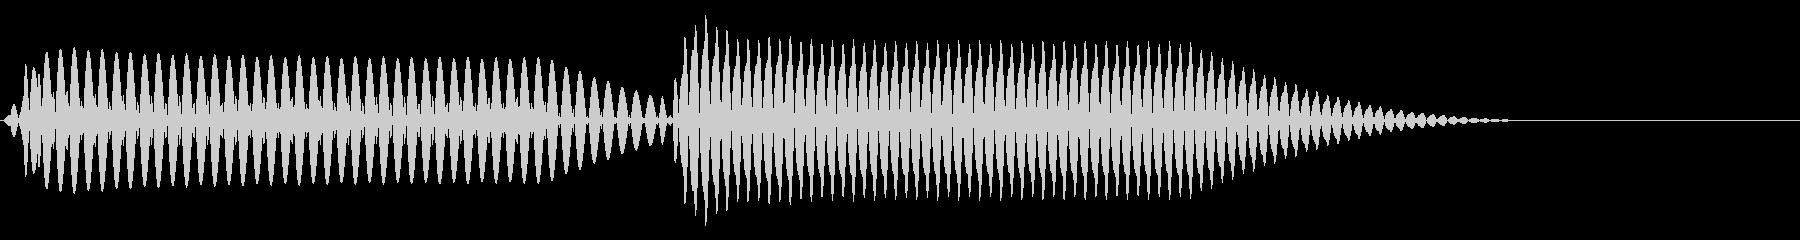 往年のRPG風 コマンド音 シリーズ 3の未再生の波形